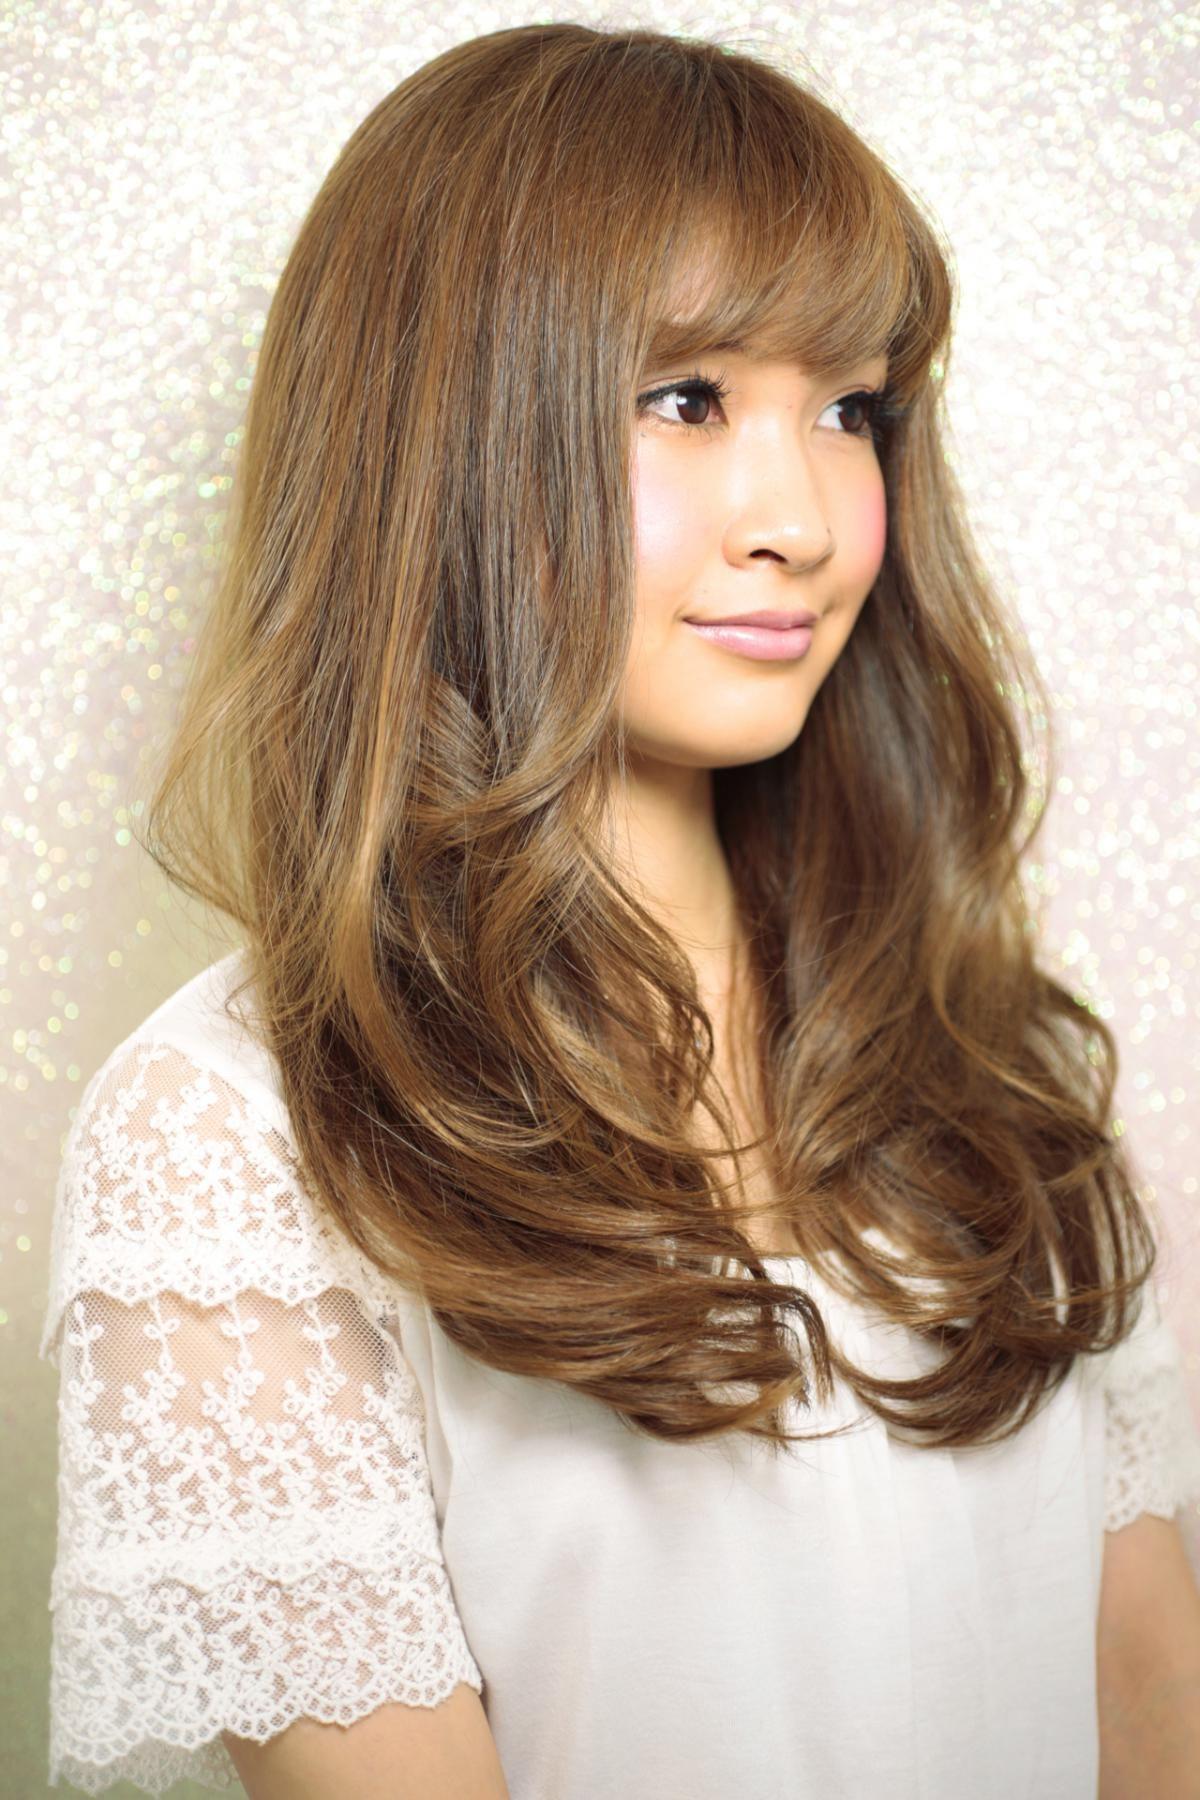 Secretのヘアスタイル画像(2) 予約殺到ヘア(j-064)|Secretのヘアスタイル情報なら、美容室&ヘアスタイル情報サイト Rasysa(らしさ)